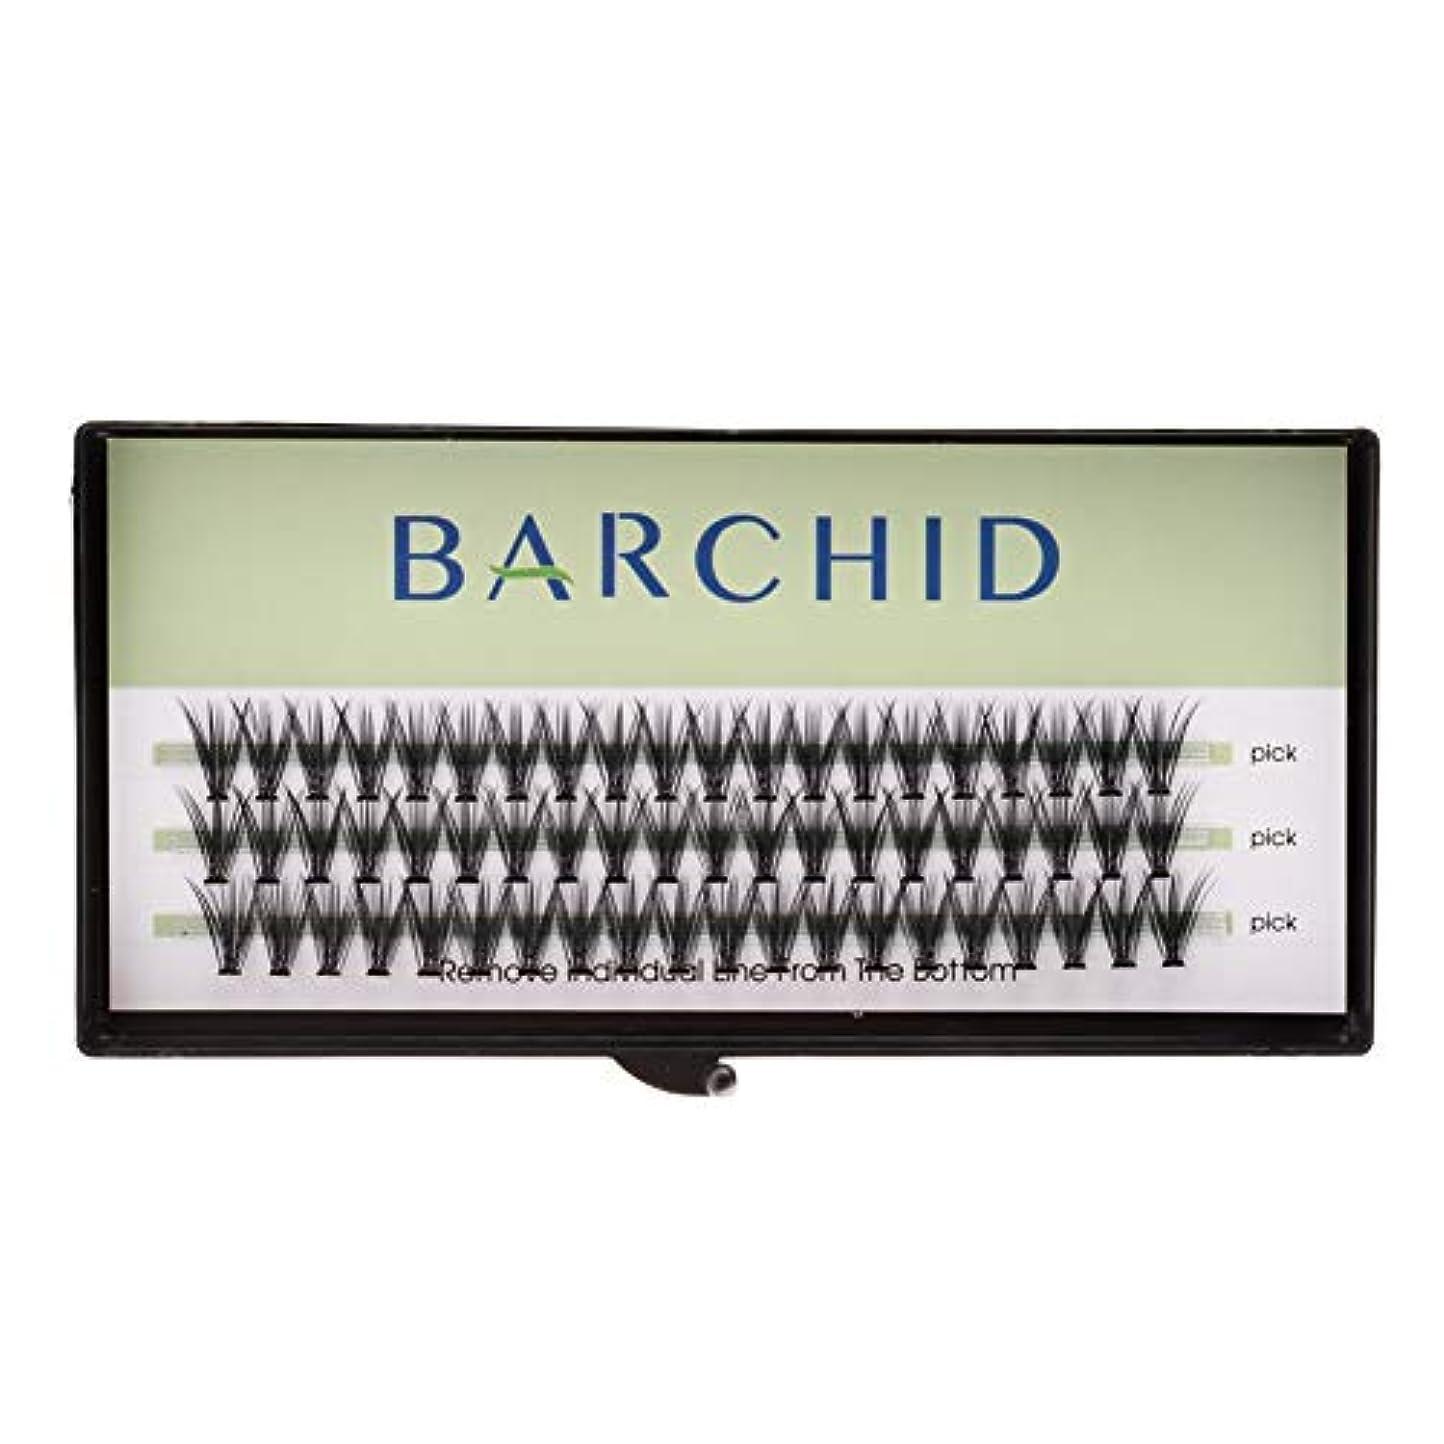 美徳楽しむリクルートBARCHID 高品質超極細まつげエクステ太さ0.07mm 20本束10mm Cカール フレア セルフ用 素材 マツエク